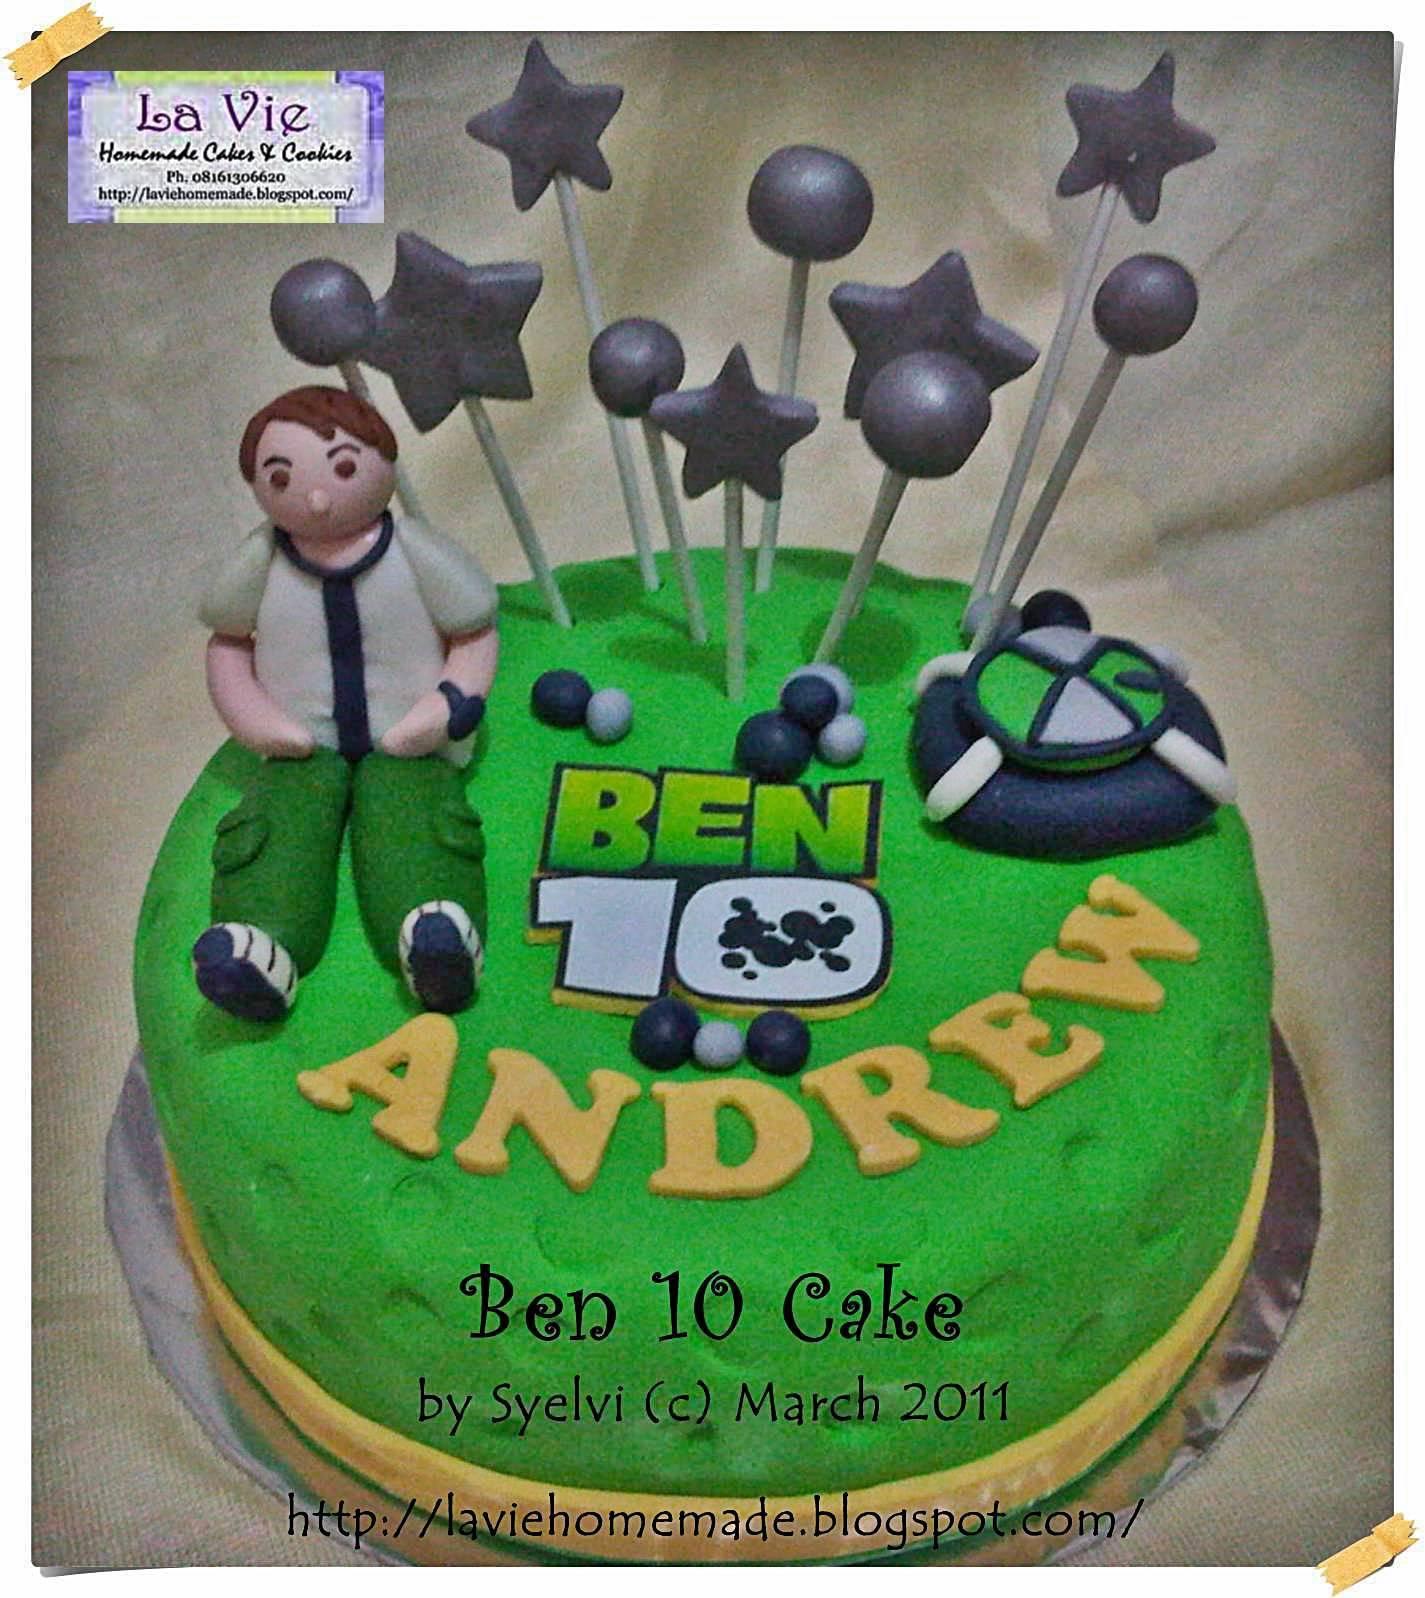 La Vie Homemade Cakes & Cookies: Ben 10 Cake For Andrew